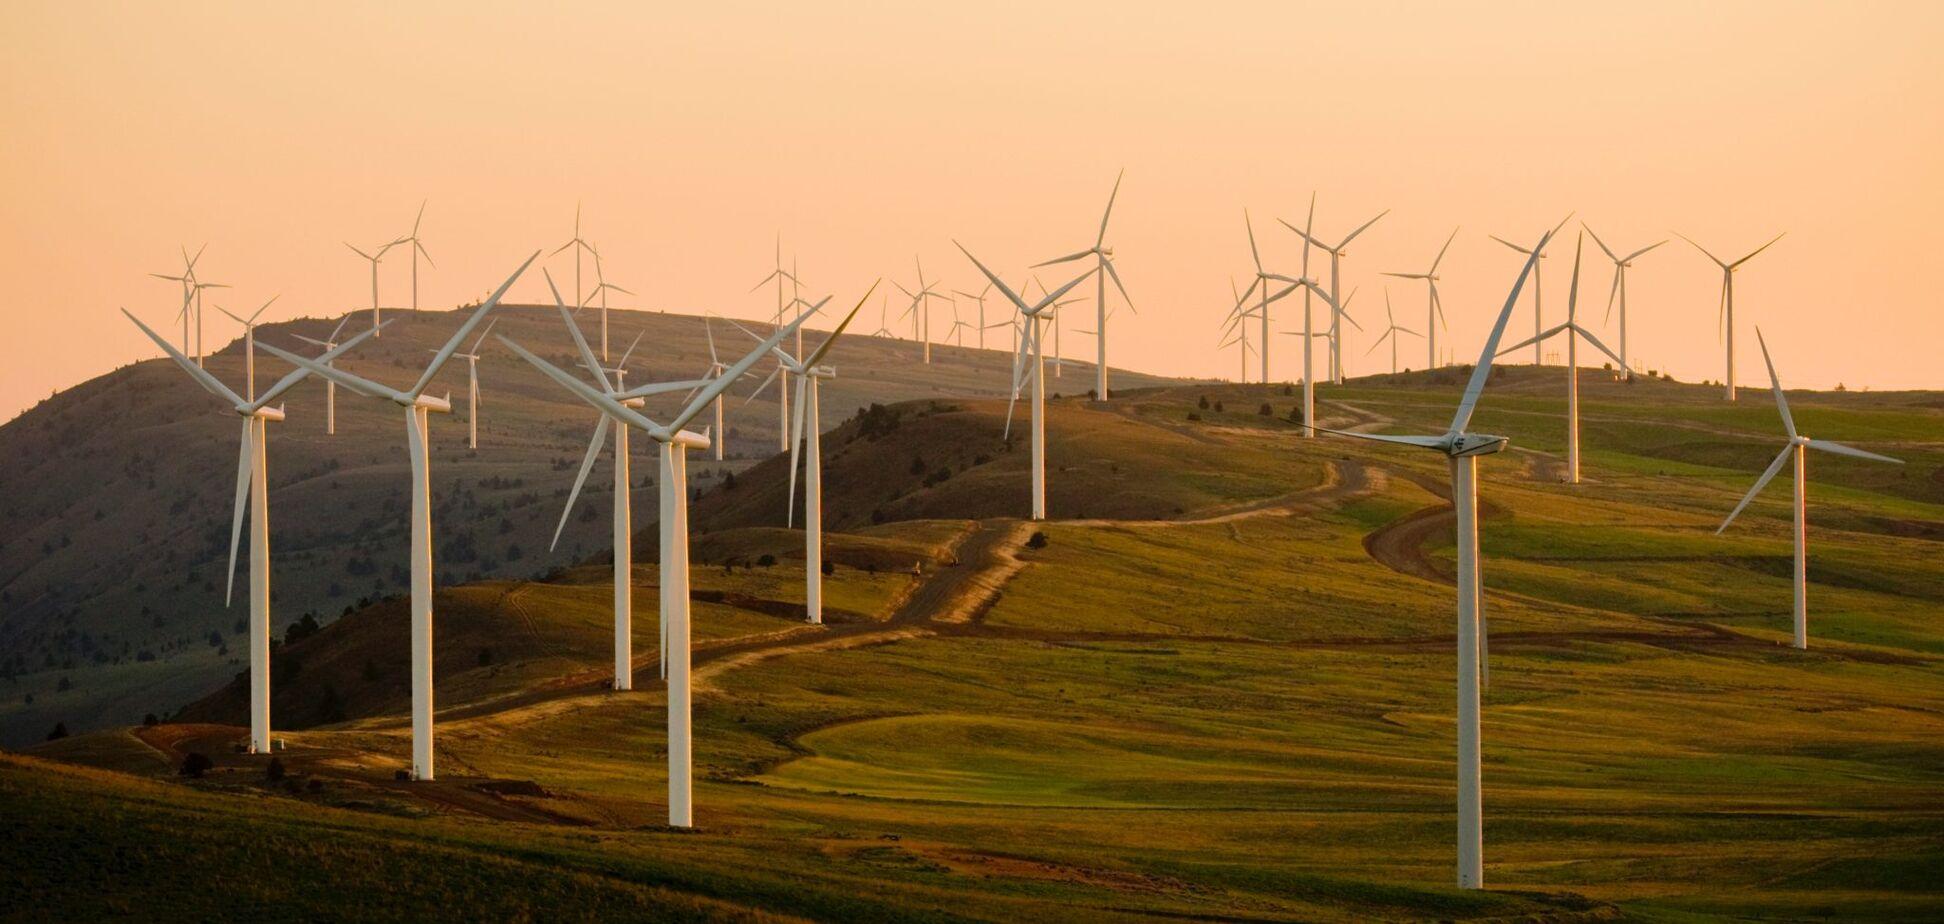 Кабмін та міжнародні інвестори можуть дійти згоди щодо питань зеленої енергетики наступного тижня - вітроасоціація